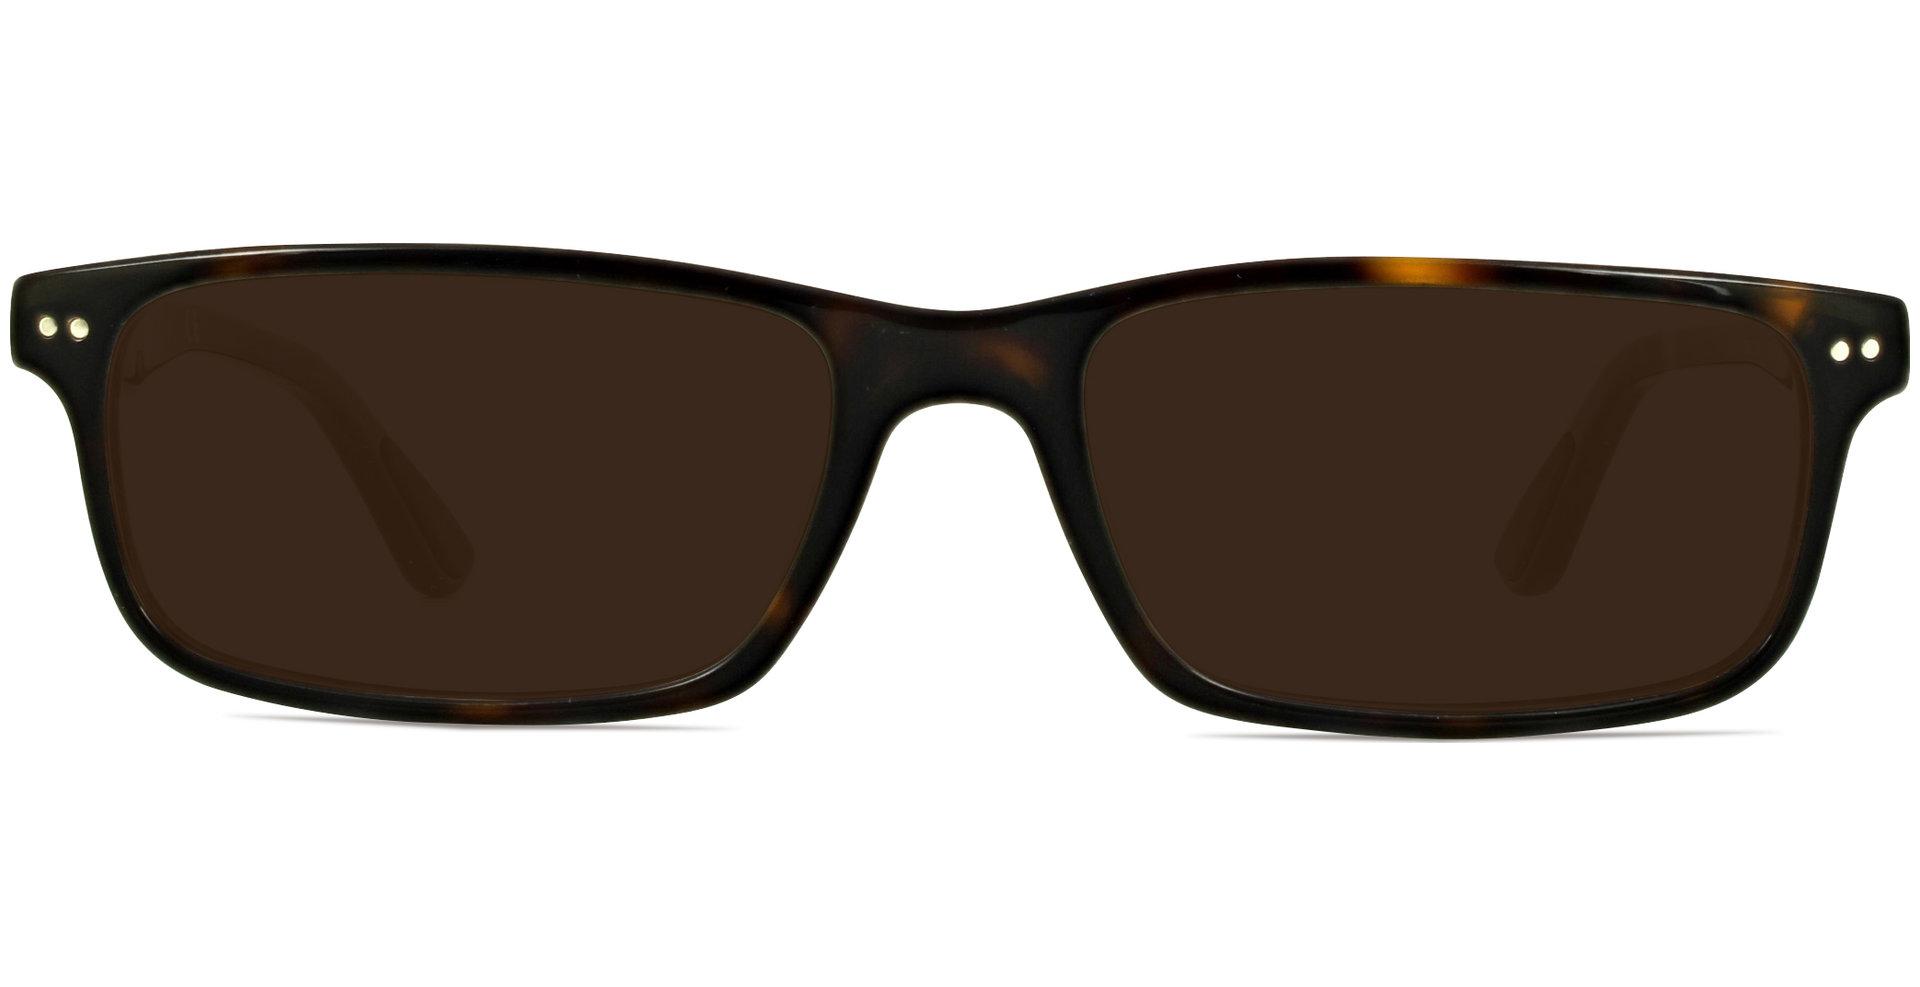 ray ban rx5277 2012 5417 dark havana von lensbest. Black Bedroom Furniture Sets. Home Design Ideas